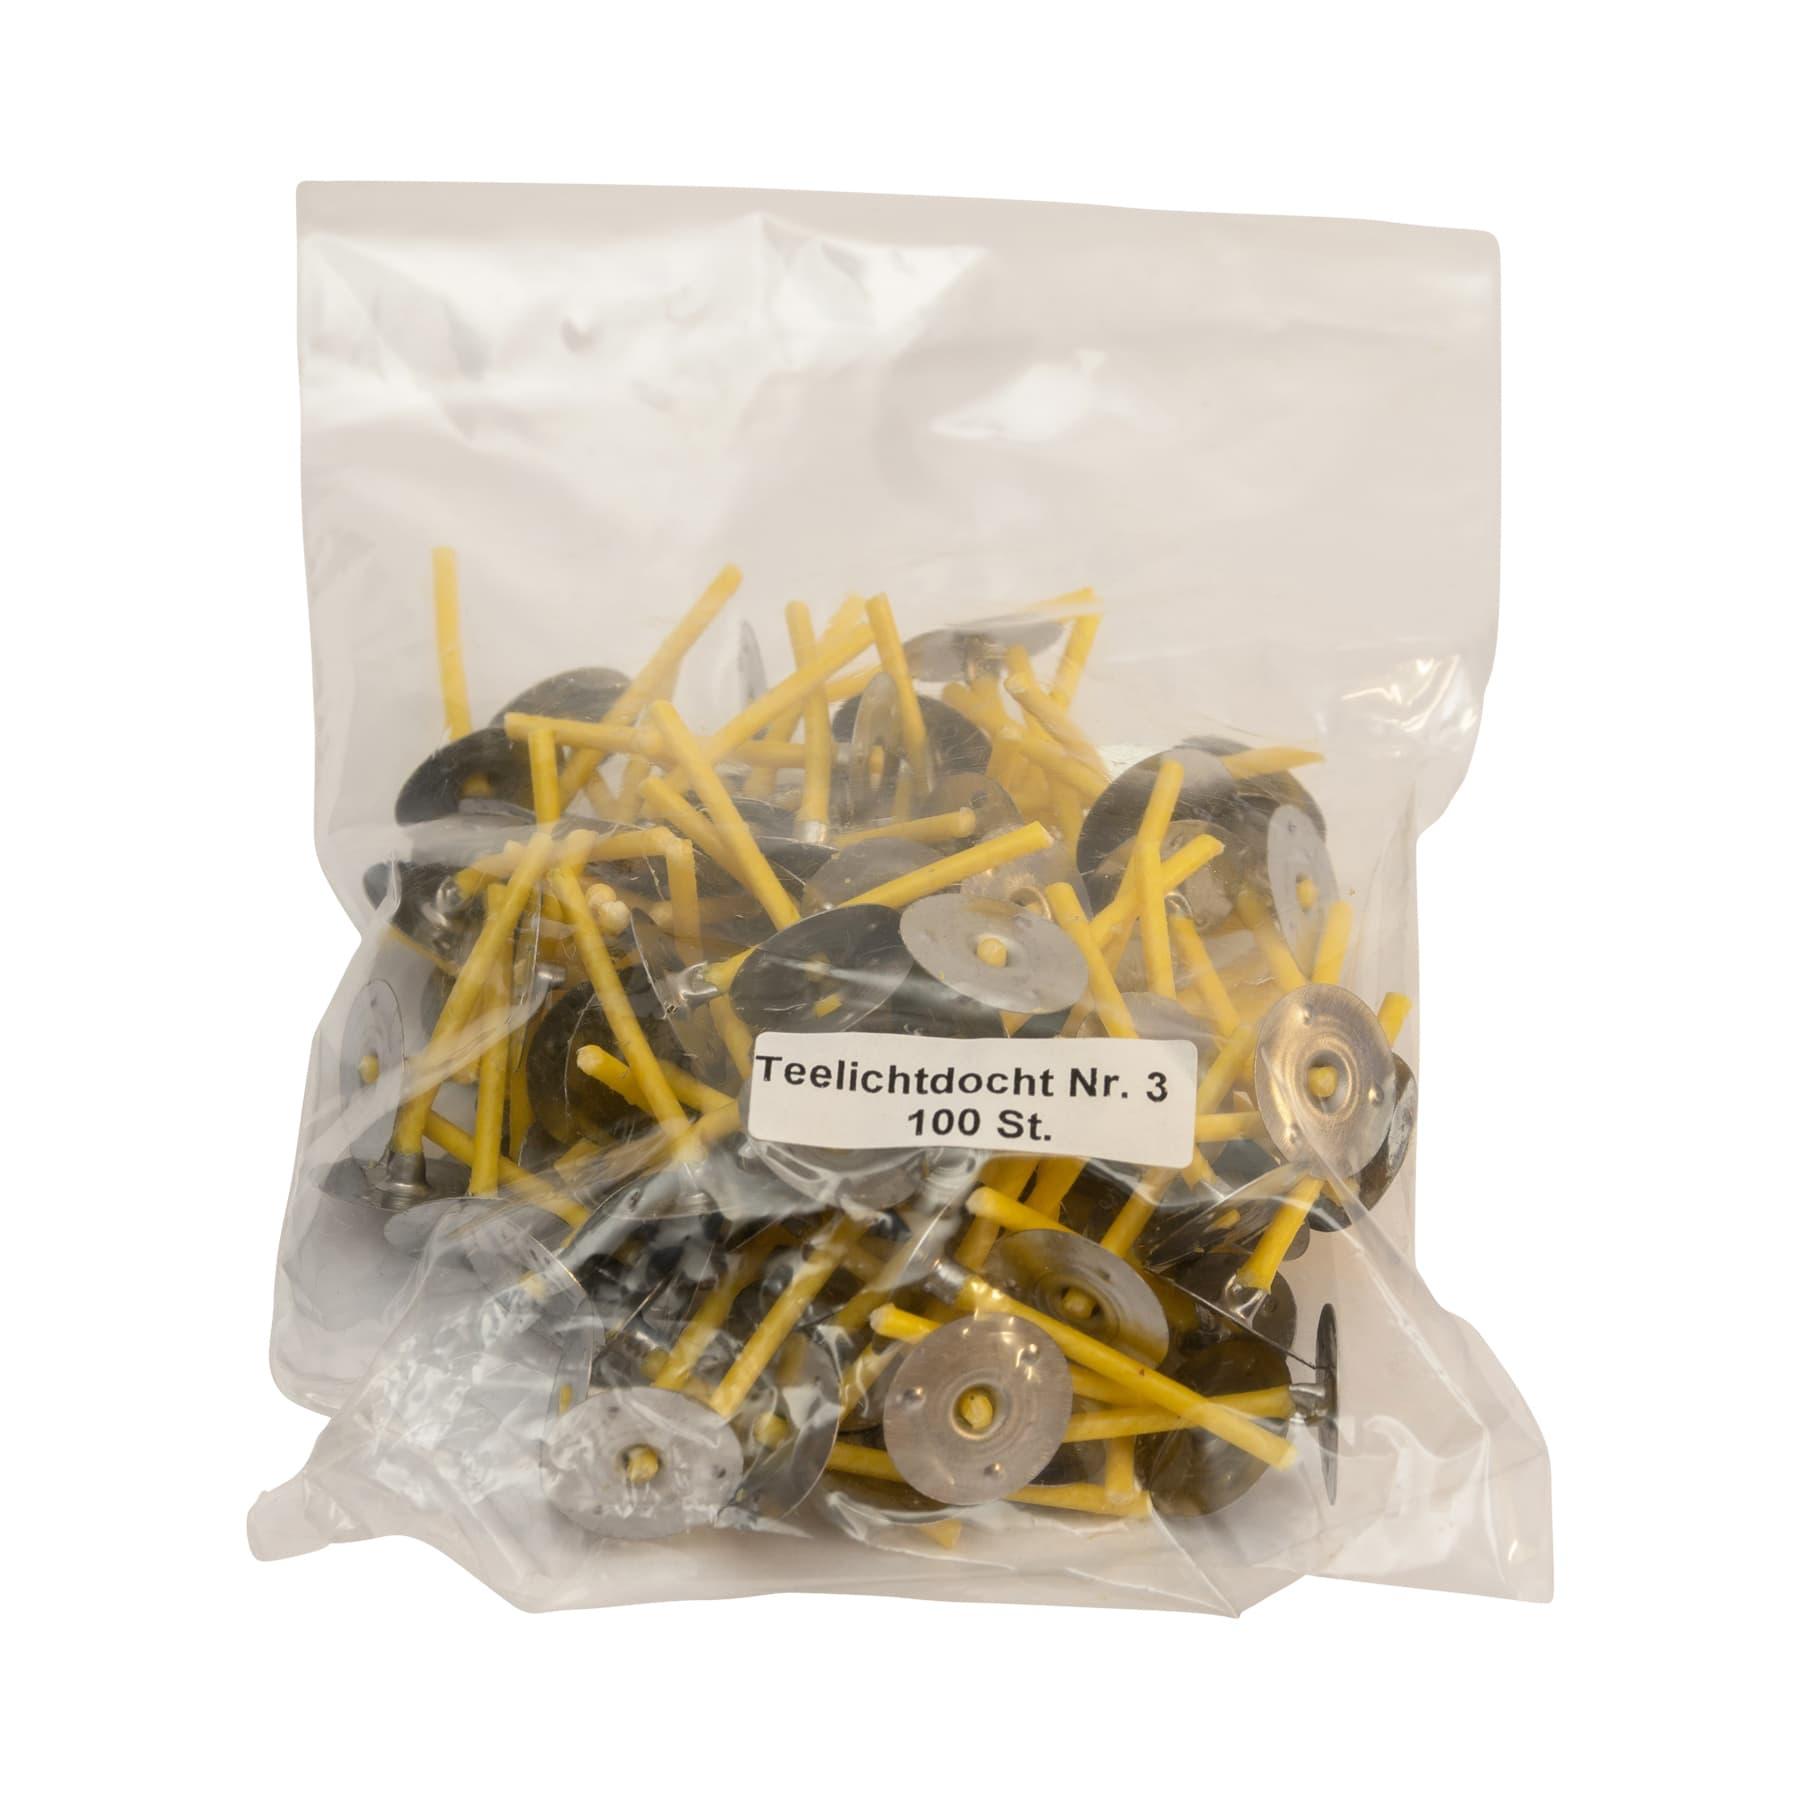 Teelichtdochte naturgelb mit Metallplättchen, RD 3, 30 mm, 100 St.